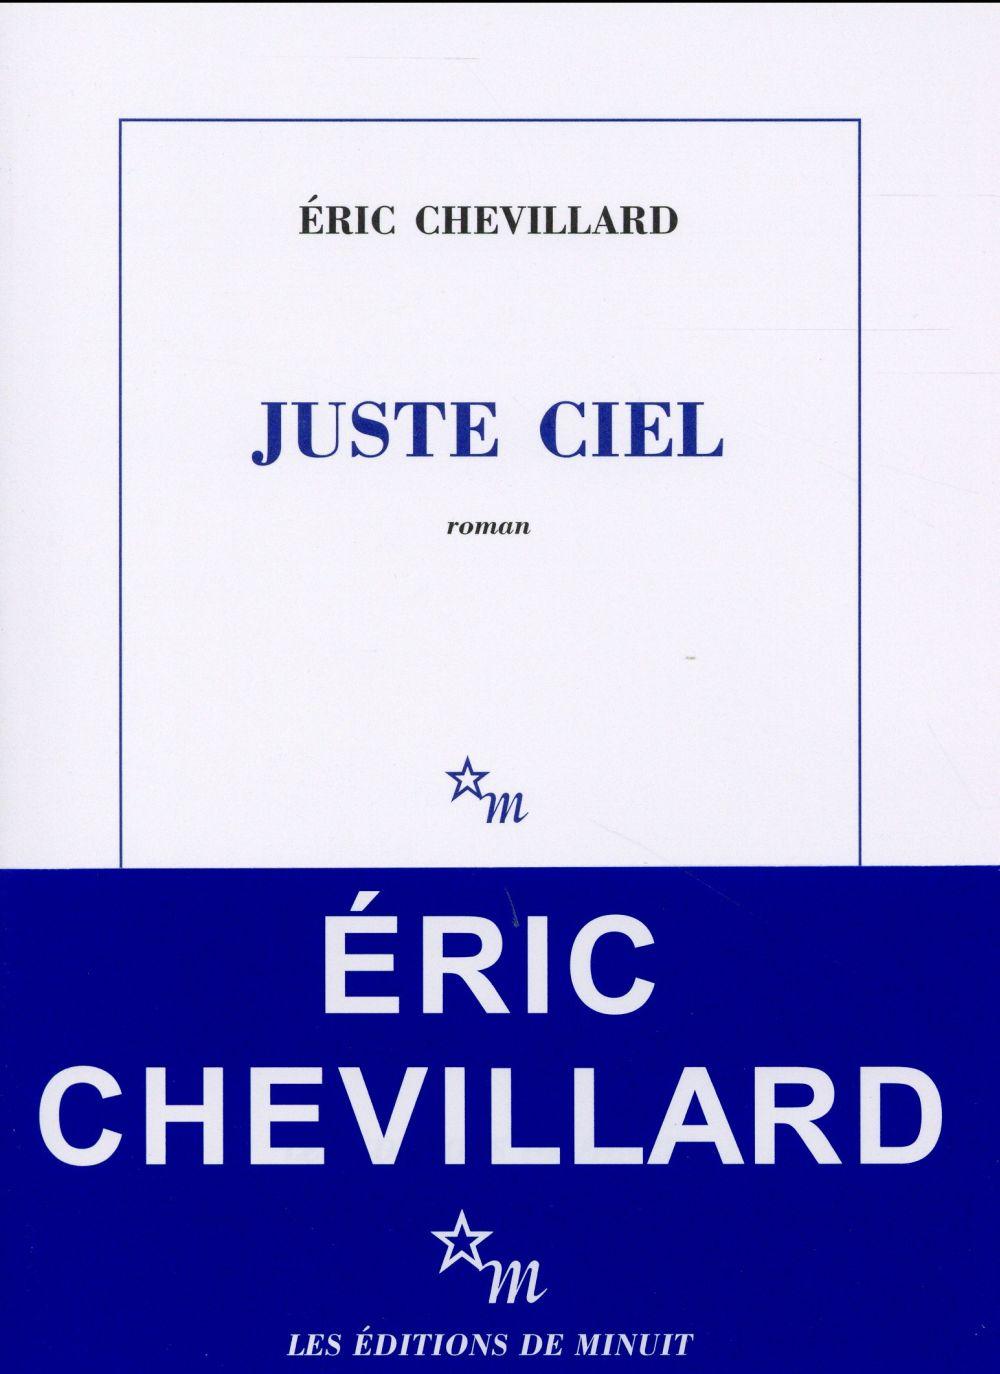 JUSTE CIEL